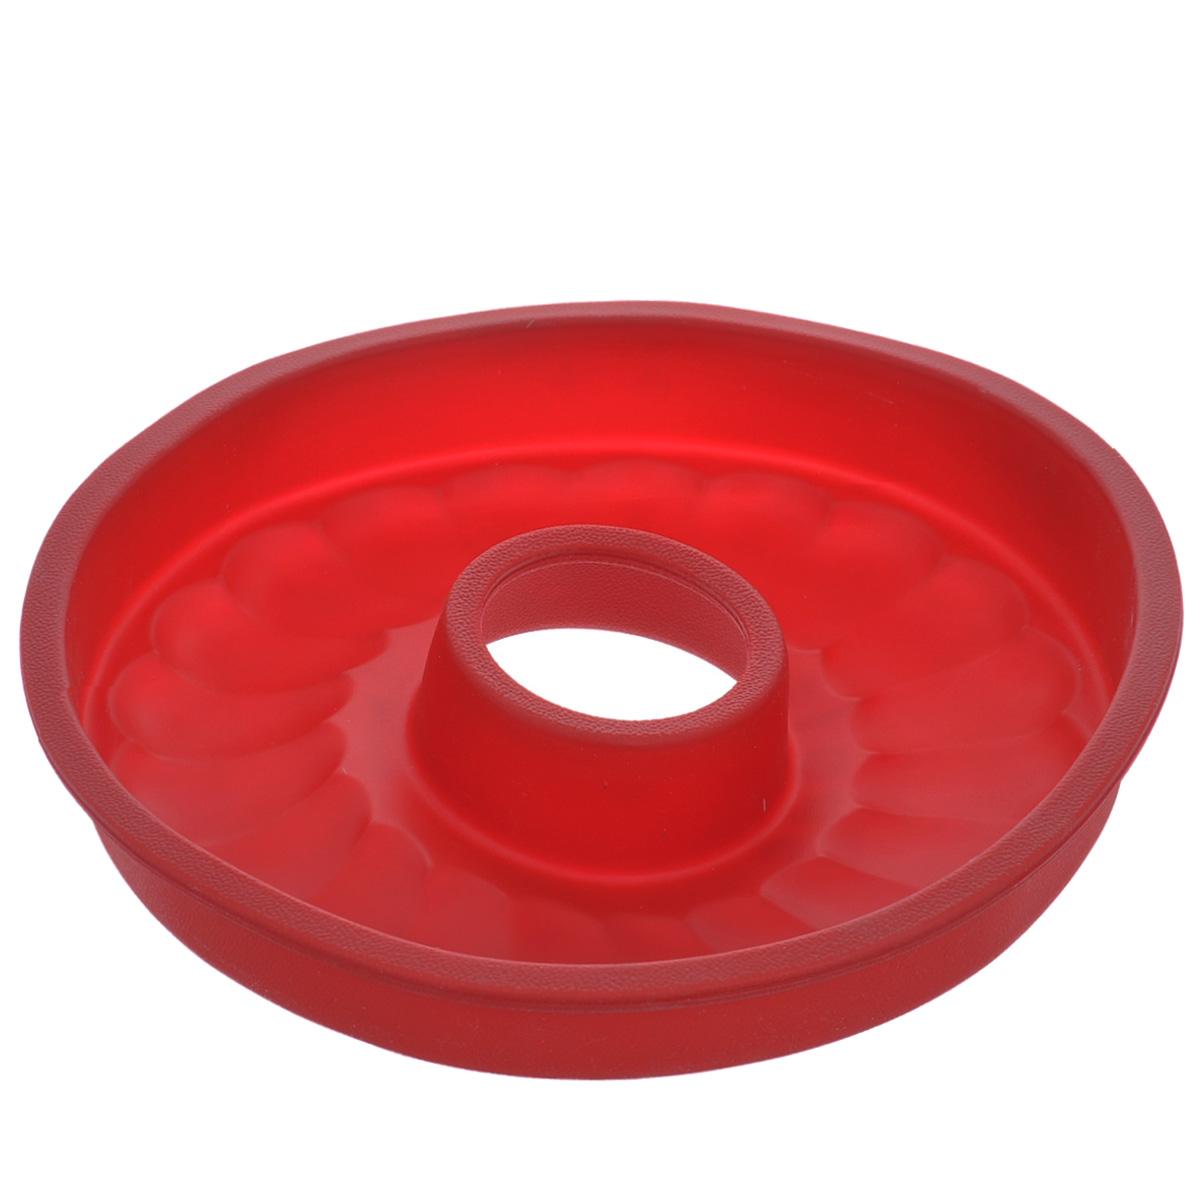 Форма для выпечки кекса Tescoma Delicia Silicone, круглая, цвет: красный, диаметр 26 см. 629228629228Круглая форма Tescoma Delicia Silicone будет отличным выбором для всех любителей выпечки. Благодаря тому, что форма изготовлена из силикона, готовую выпечку вынимать легко и просто. Дно формы оснащено рельефной поверхностью. Форма прекрасно подходит для выпечки кексов. С такой формой вы всегда сможете порадовать своих близких оригинальной выпечкой. Материал изделия устойчив к фруктовым кислотам, может быть использован в духовках, микроволновых печах, холодильниках и морозильных камерах (выдерживает температуру от -40°C до 230°C). Антипригарные свойства материала позволяют готовить без использования масла. Можно мыть и сушить в посудомоечной машине. При работе с формой используйте кухонный инструмент из силикона - кисти, лопатки, скребки. Не ставьте форму на электрическую конфорку. Не разрезайте выпечку прямо в форме.